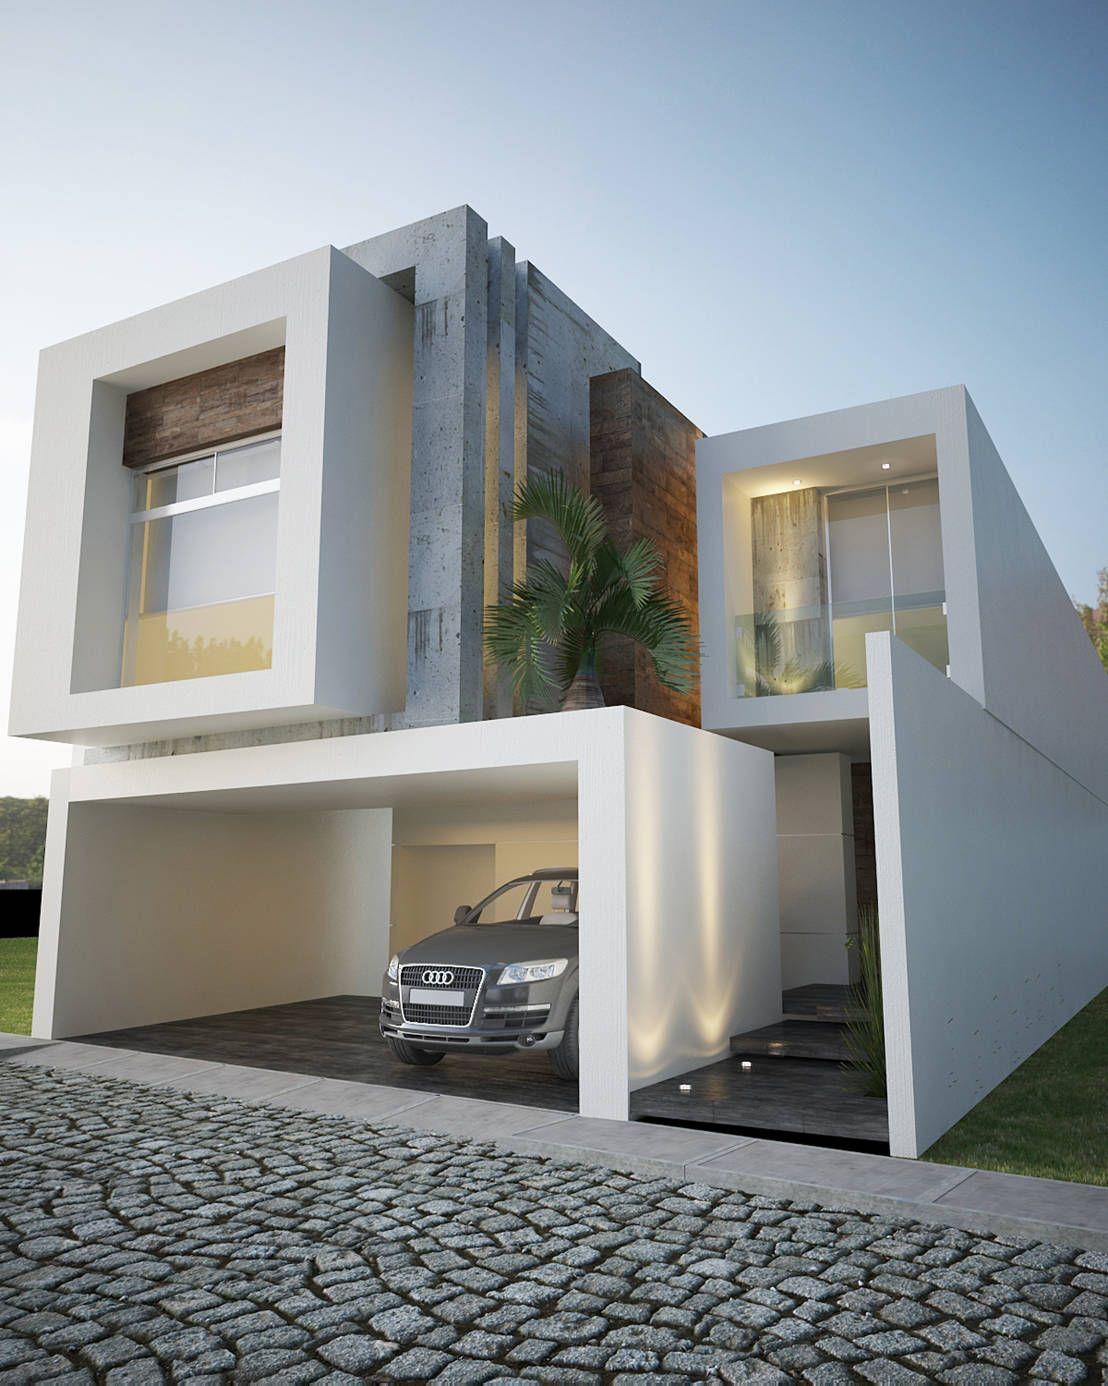 Proyecto cavas de arquitectos en 2019 casas for Fachadas de casas modernas de interes social